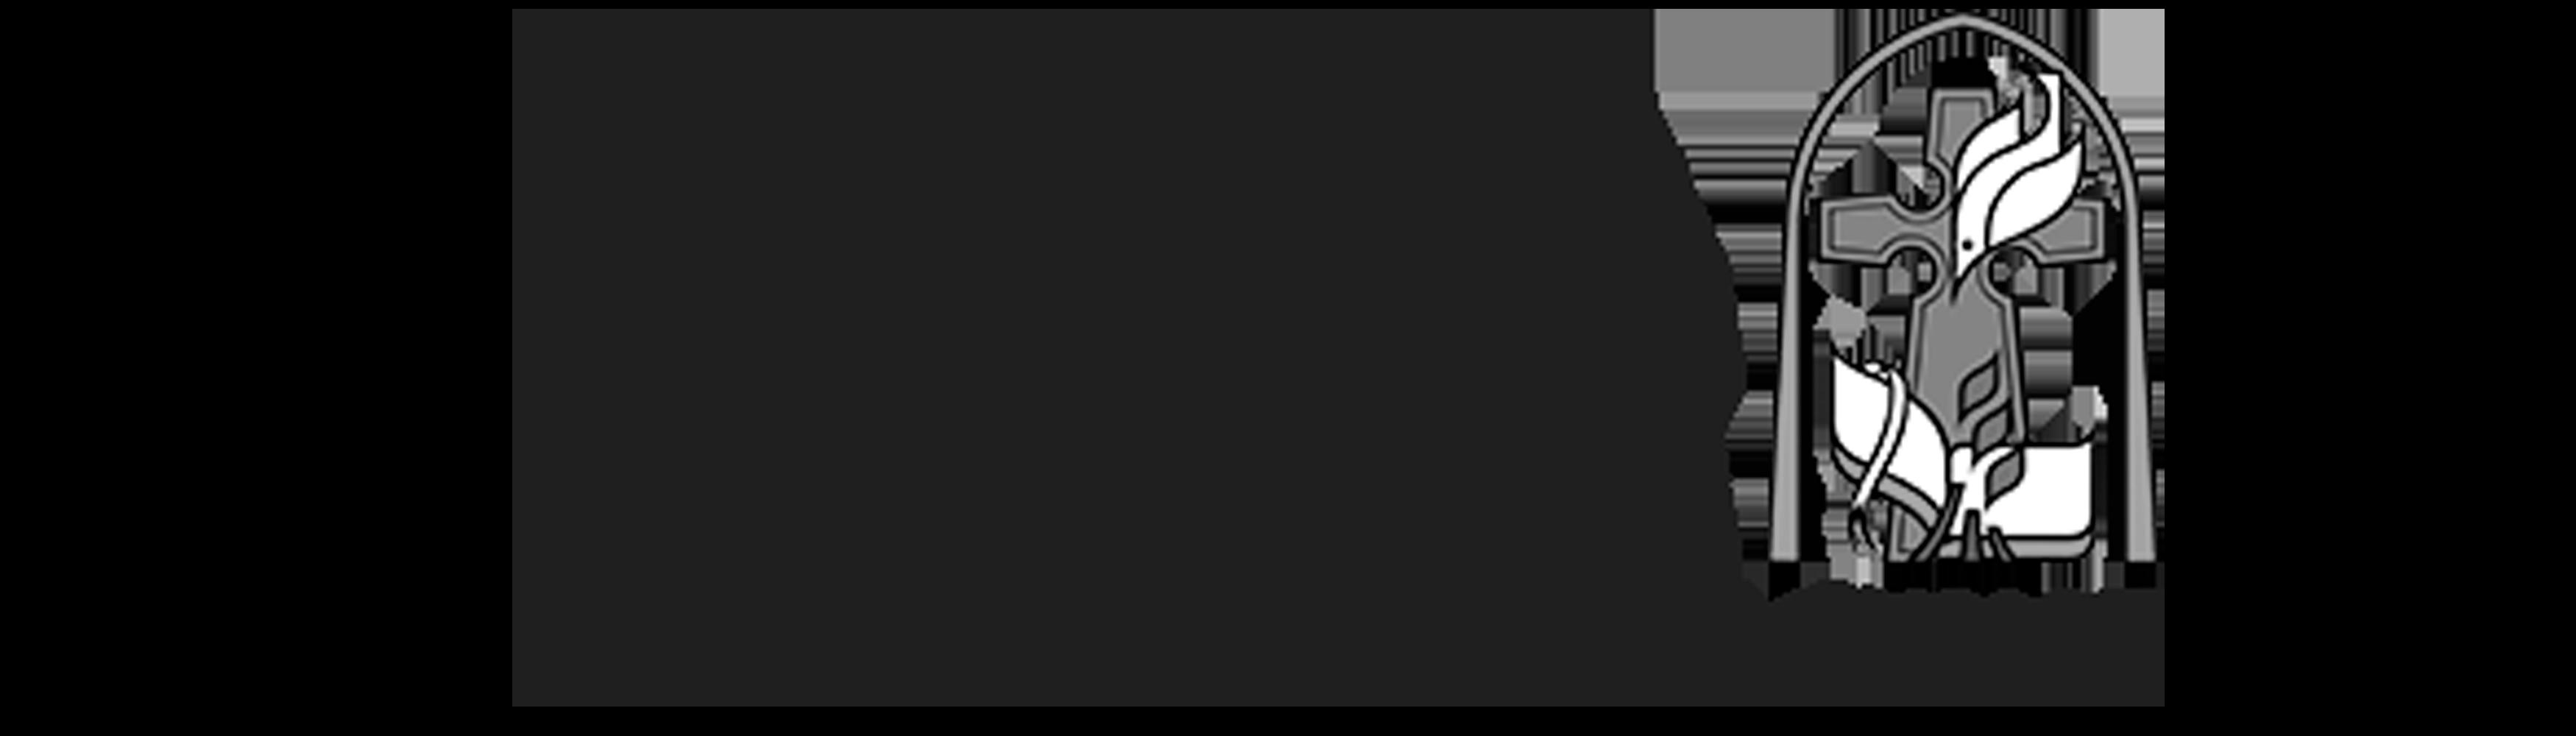 1 IPI